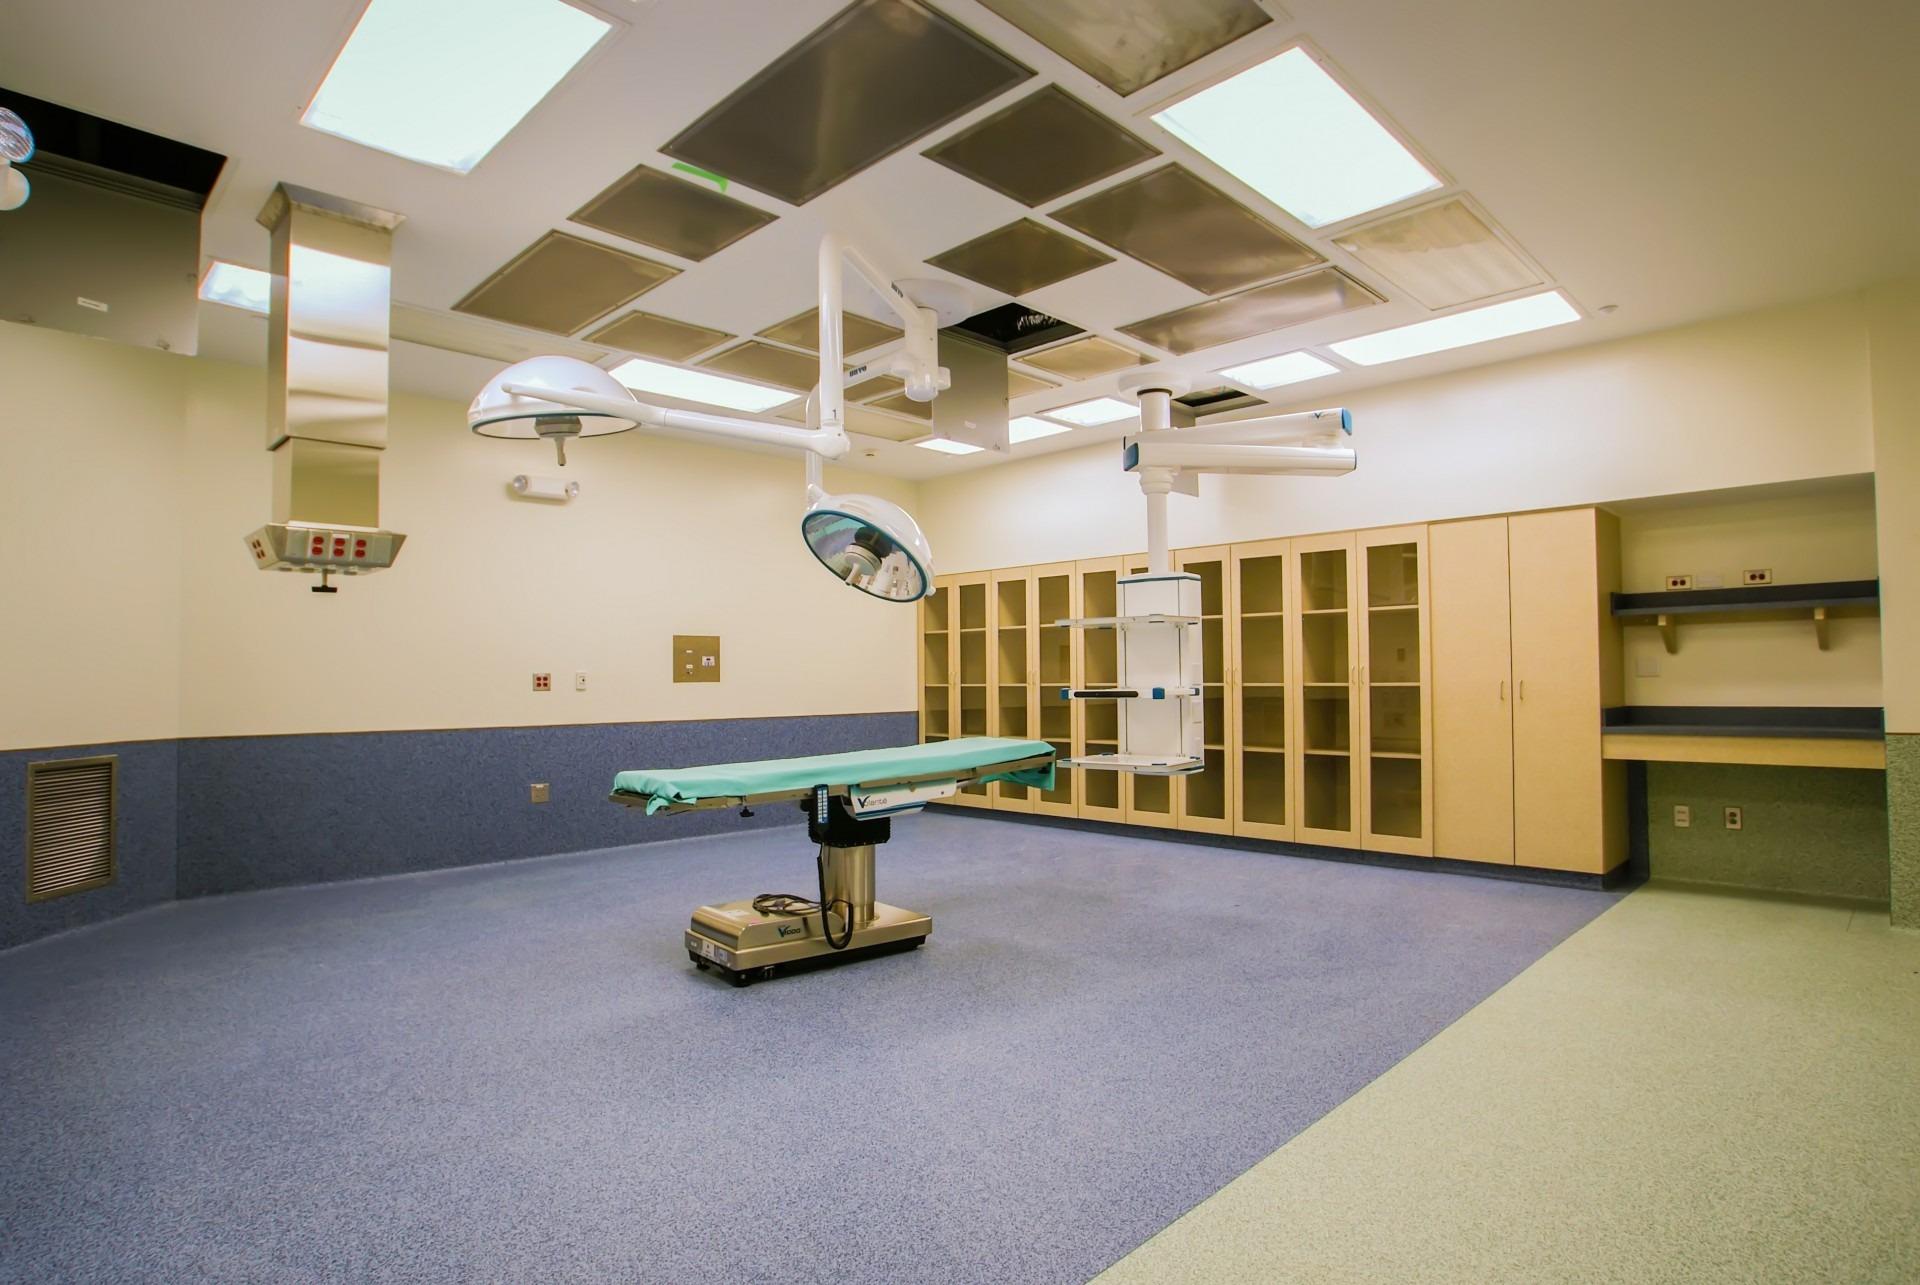 Fotos Gratis Mesa Piso Casa Techo Interior Limpiar